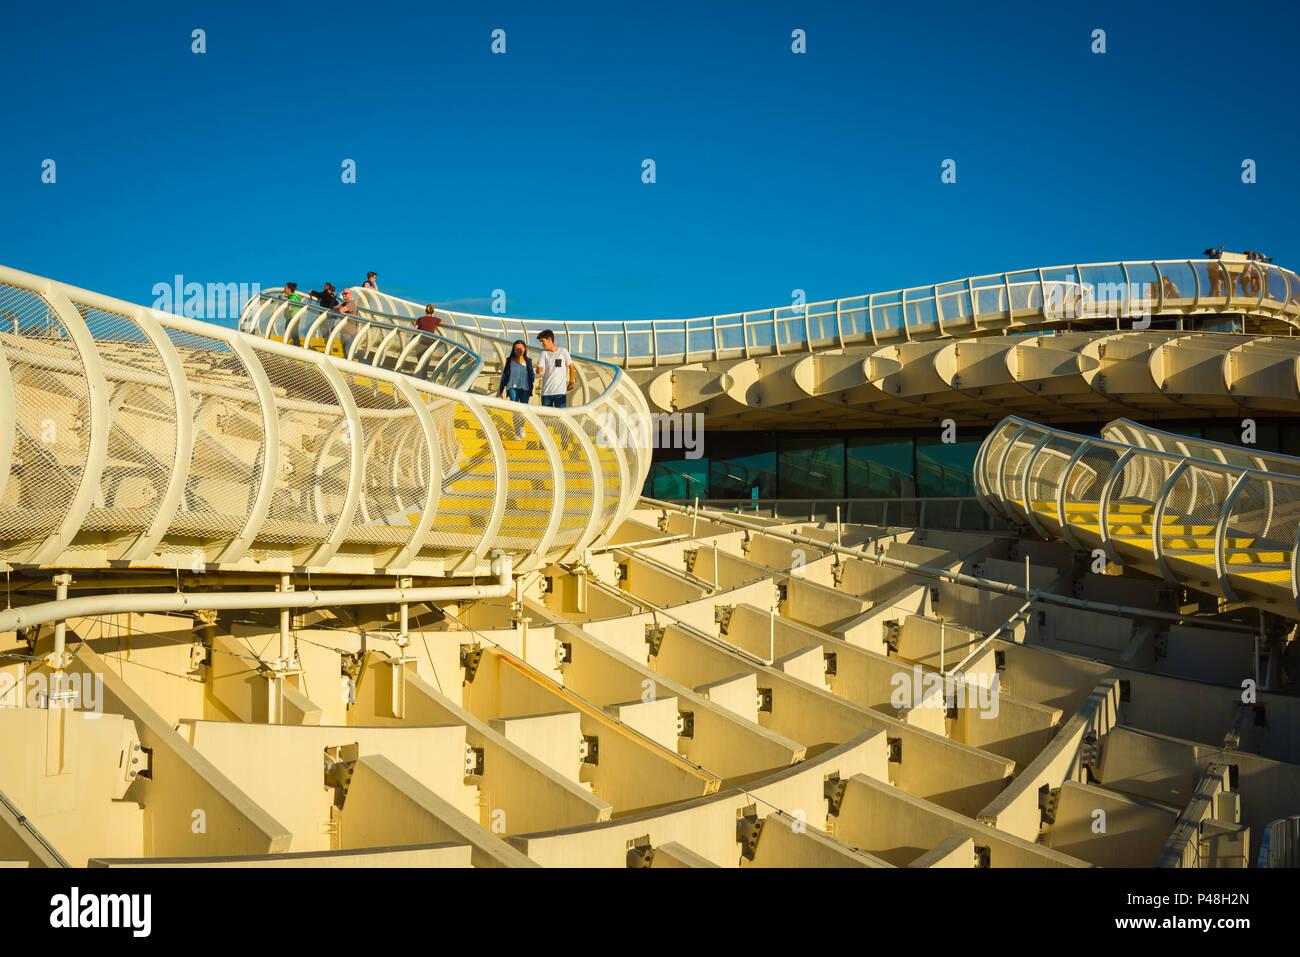 España arquitectura moderna, la vista de las personas que circulan por la pasarela en la parte superior del Metropol Parasol (Las setas) en Sevilla, Andalucía, España. Imagen De Stock